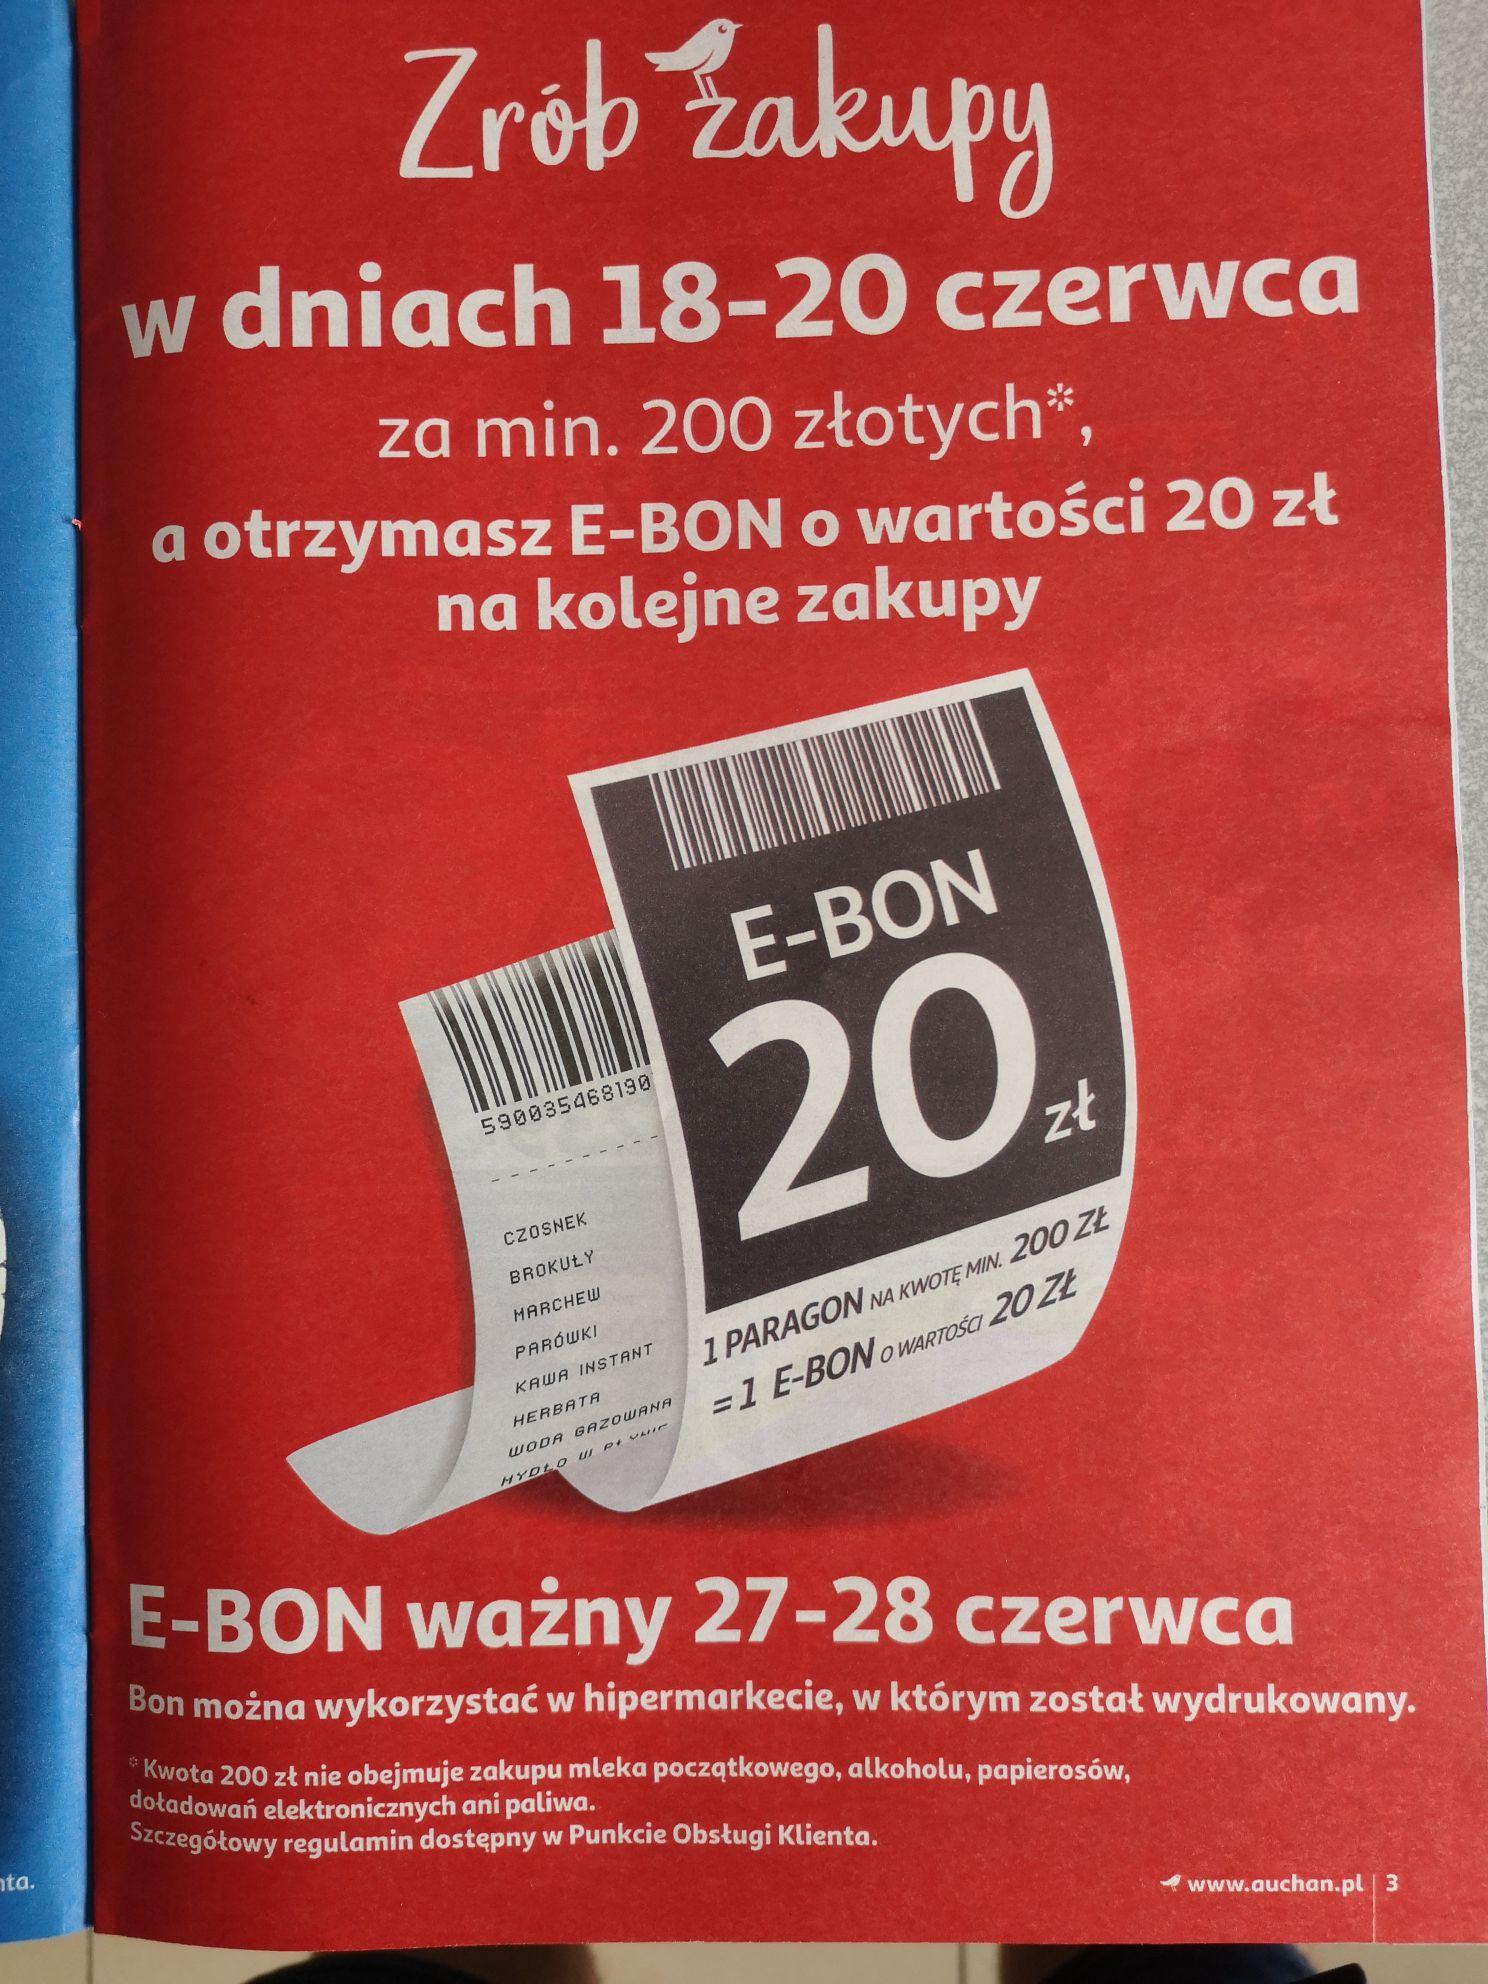 Auchan zrób zakupy za 200zł a otrzymasz bon o wartości 20 zł na kolejne zakupy.